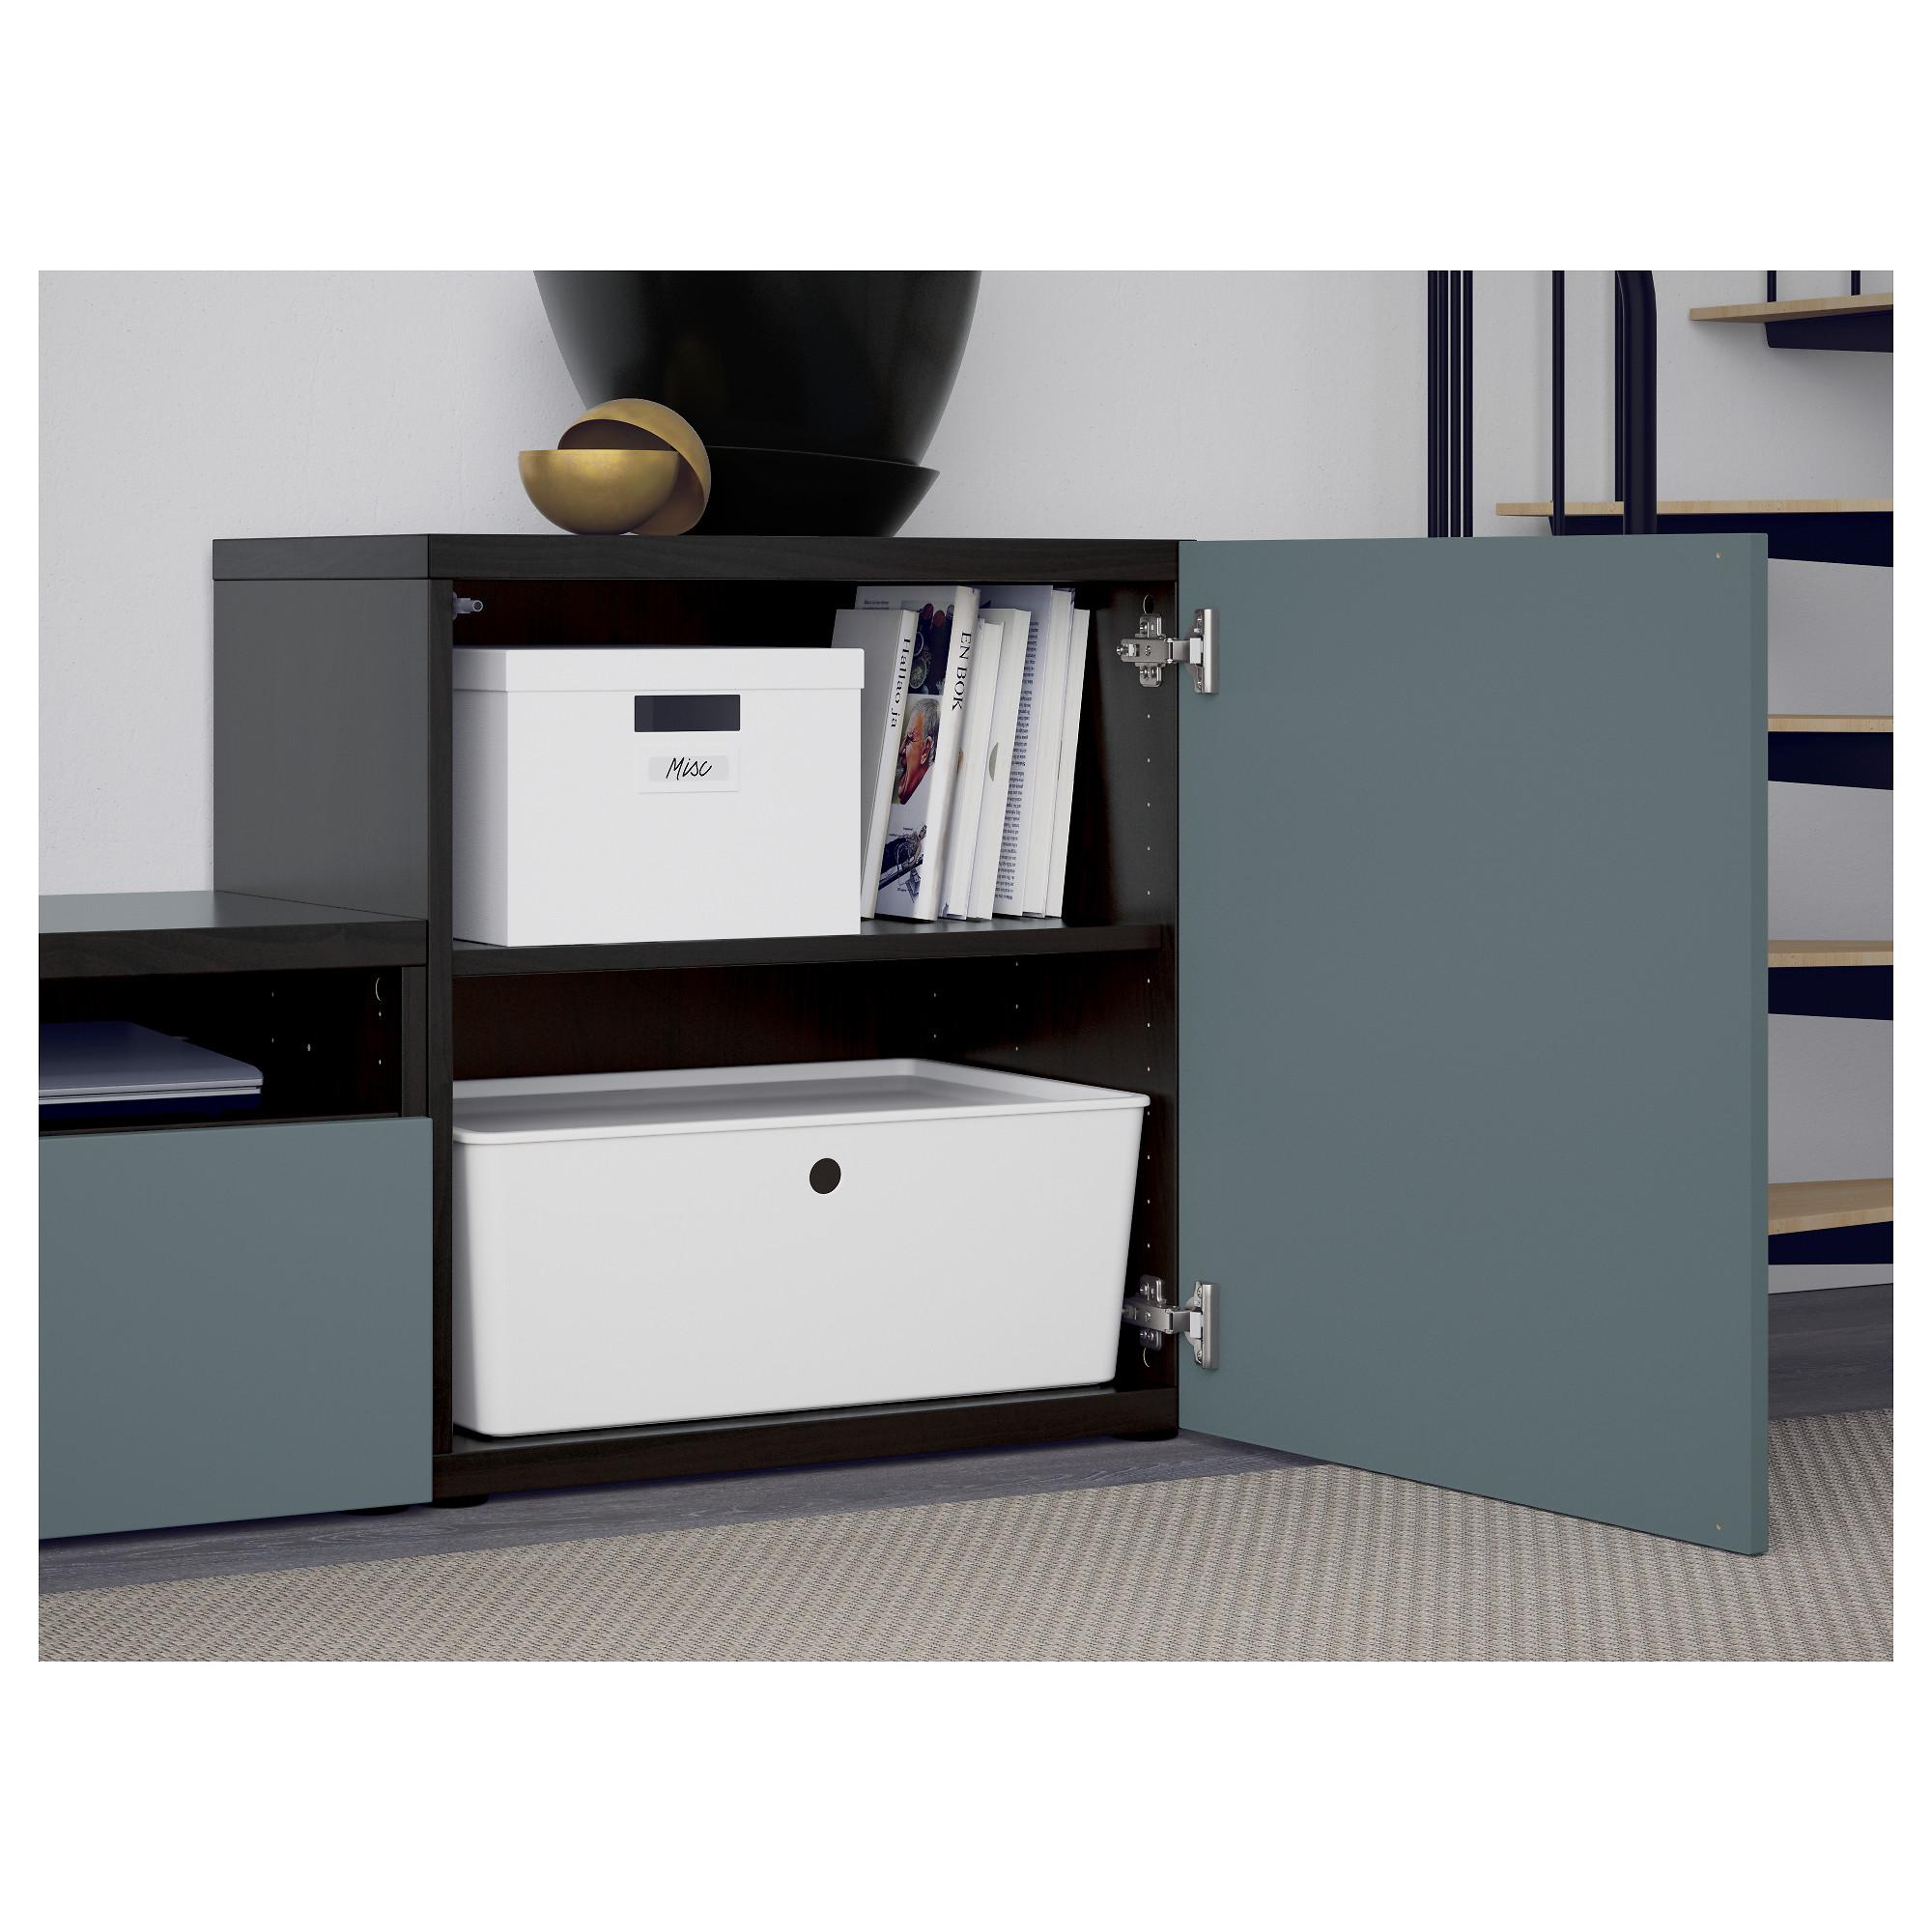 Шкаф для ТВ, комбинированный, стекляные дверцы БЕСТО артикуль № 692.522.17 в наличии. Онлайн сайт IKEA Минск. Быстрая доставка и соборка.